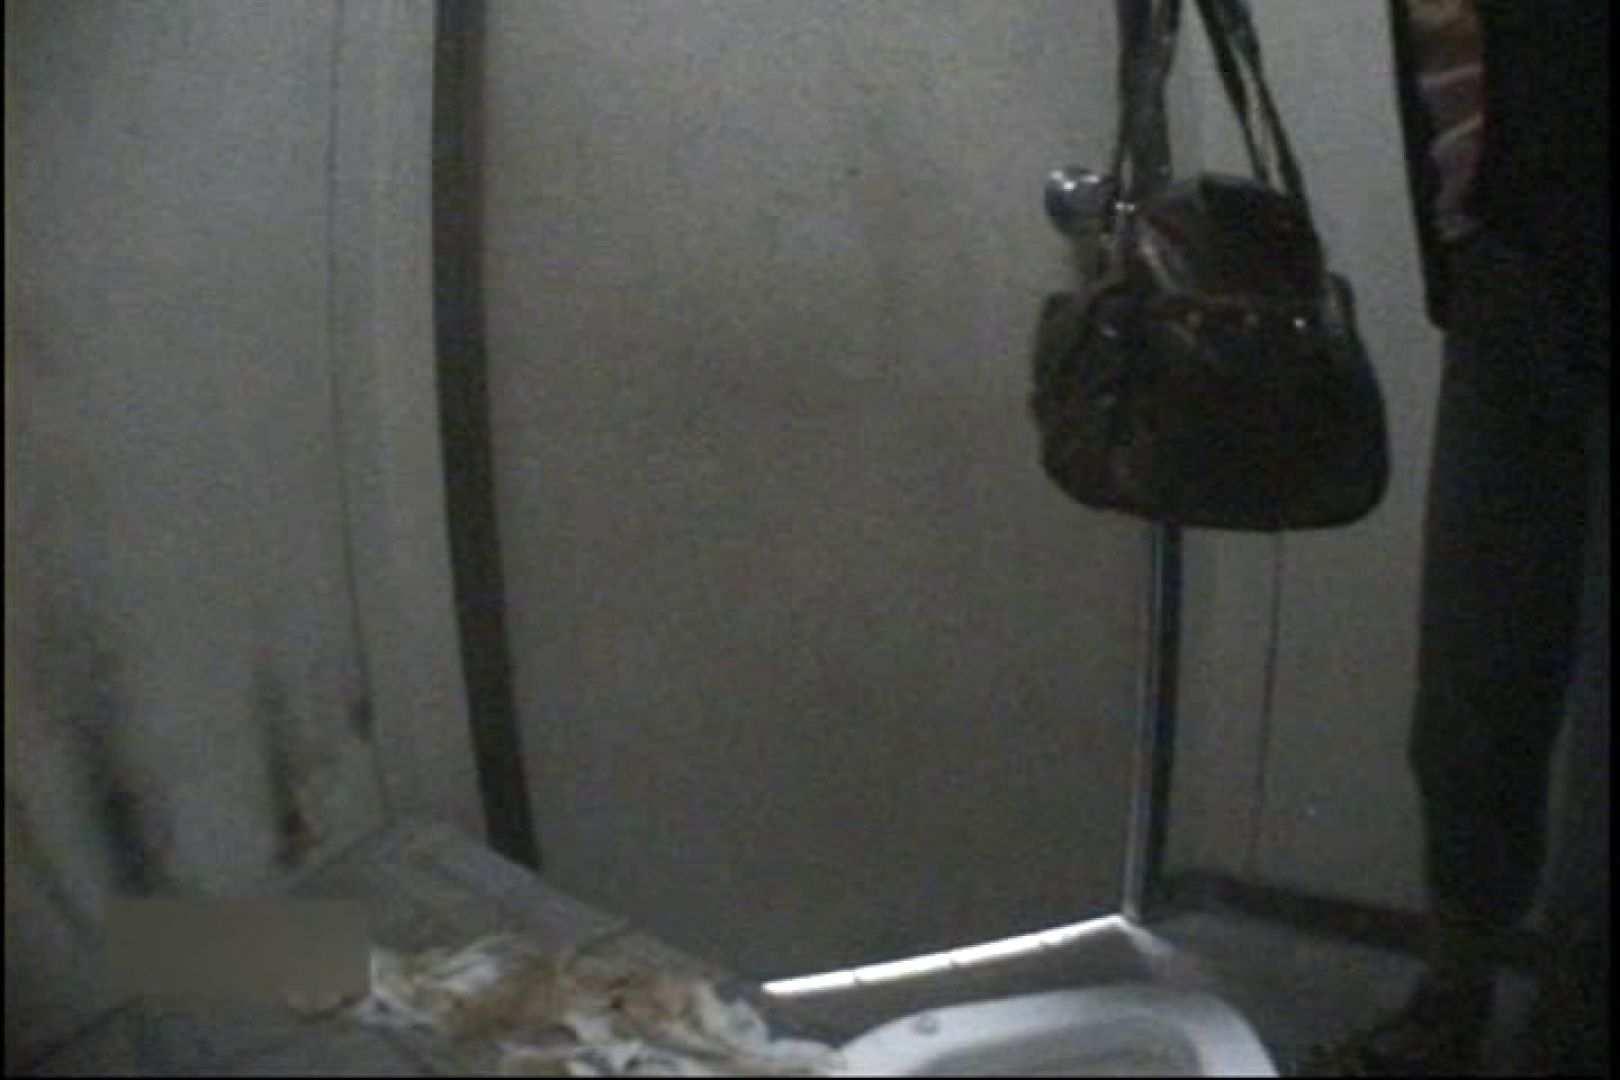 下腹部限界突破!!Vol.8 覗き放題 のぞきエロ無料画像 62画像 47